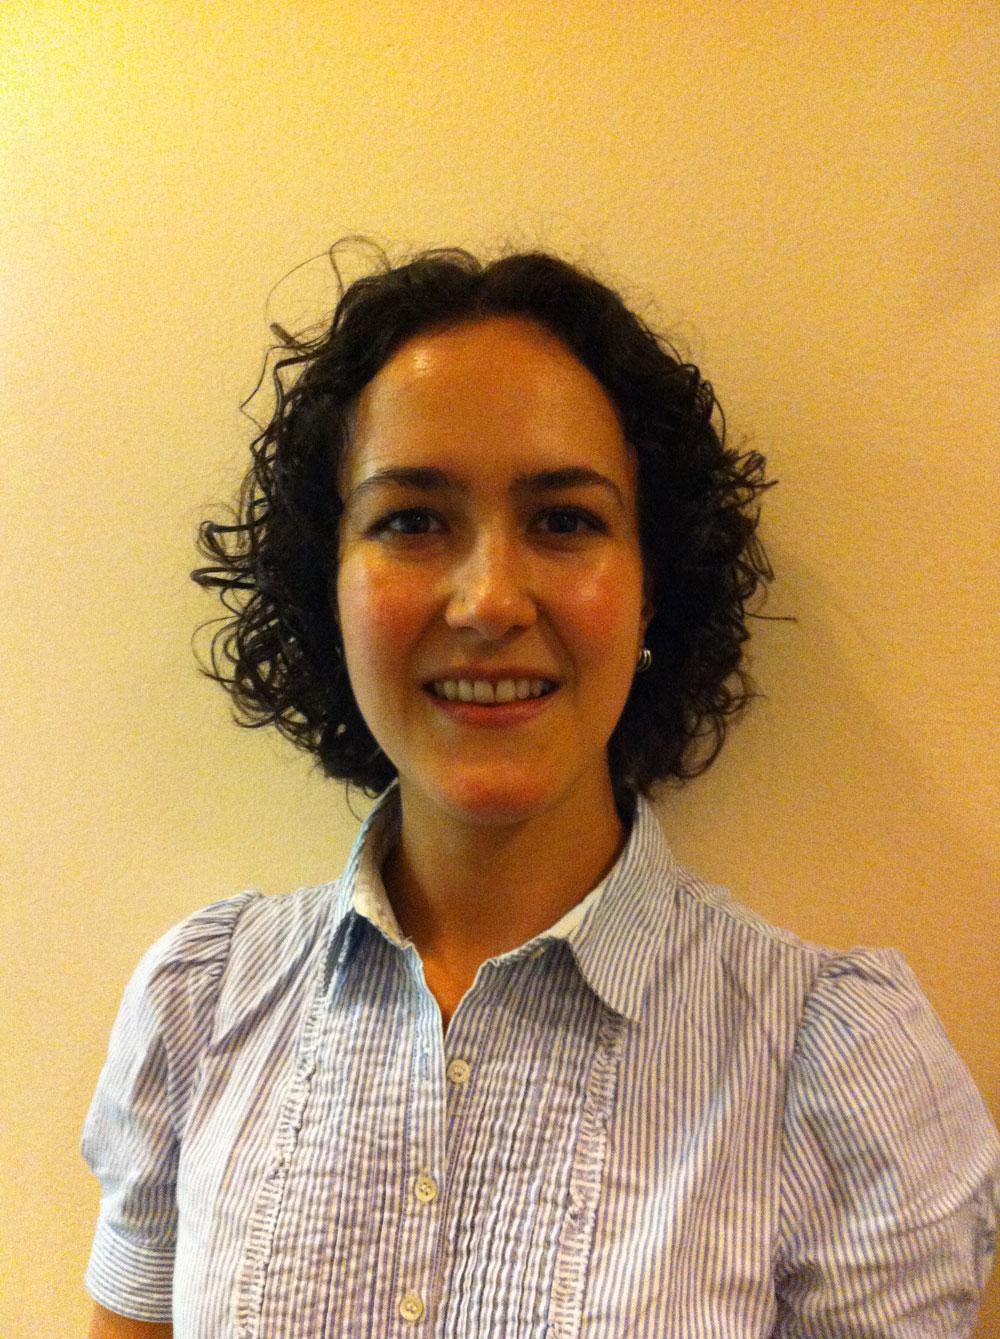 Diana de la Huerta Gaston, CITP|FIBP – Trade Commissioner Assistant